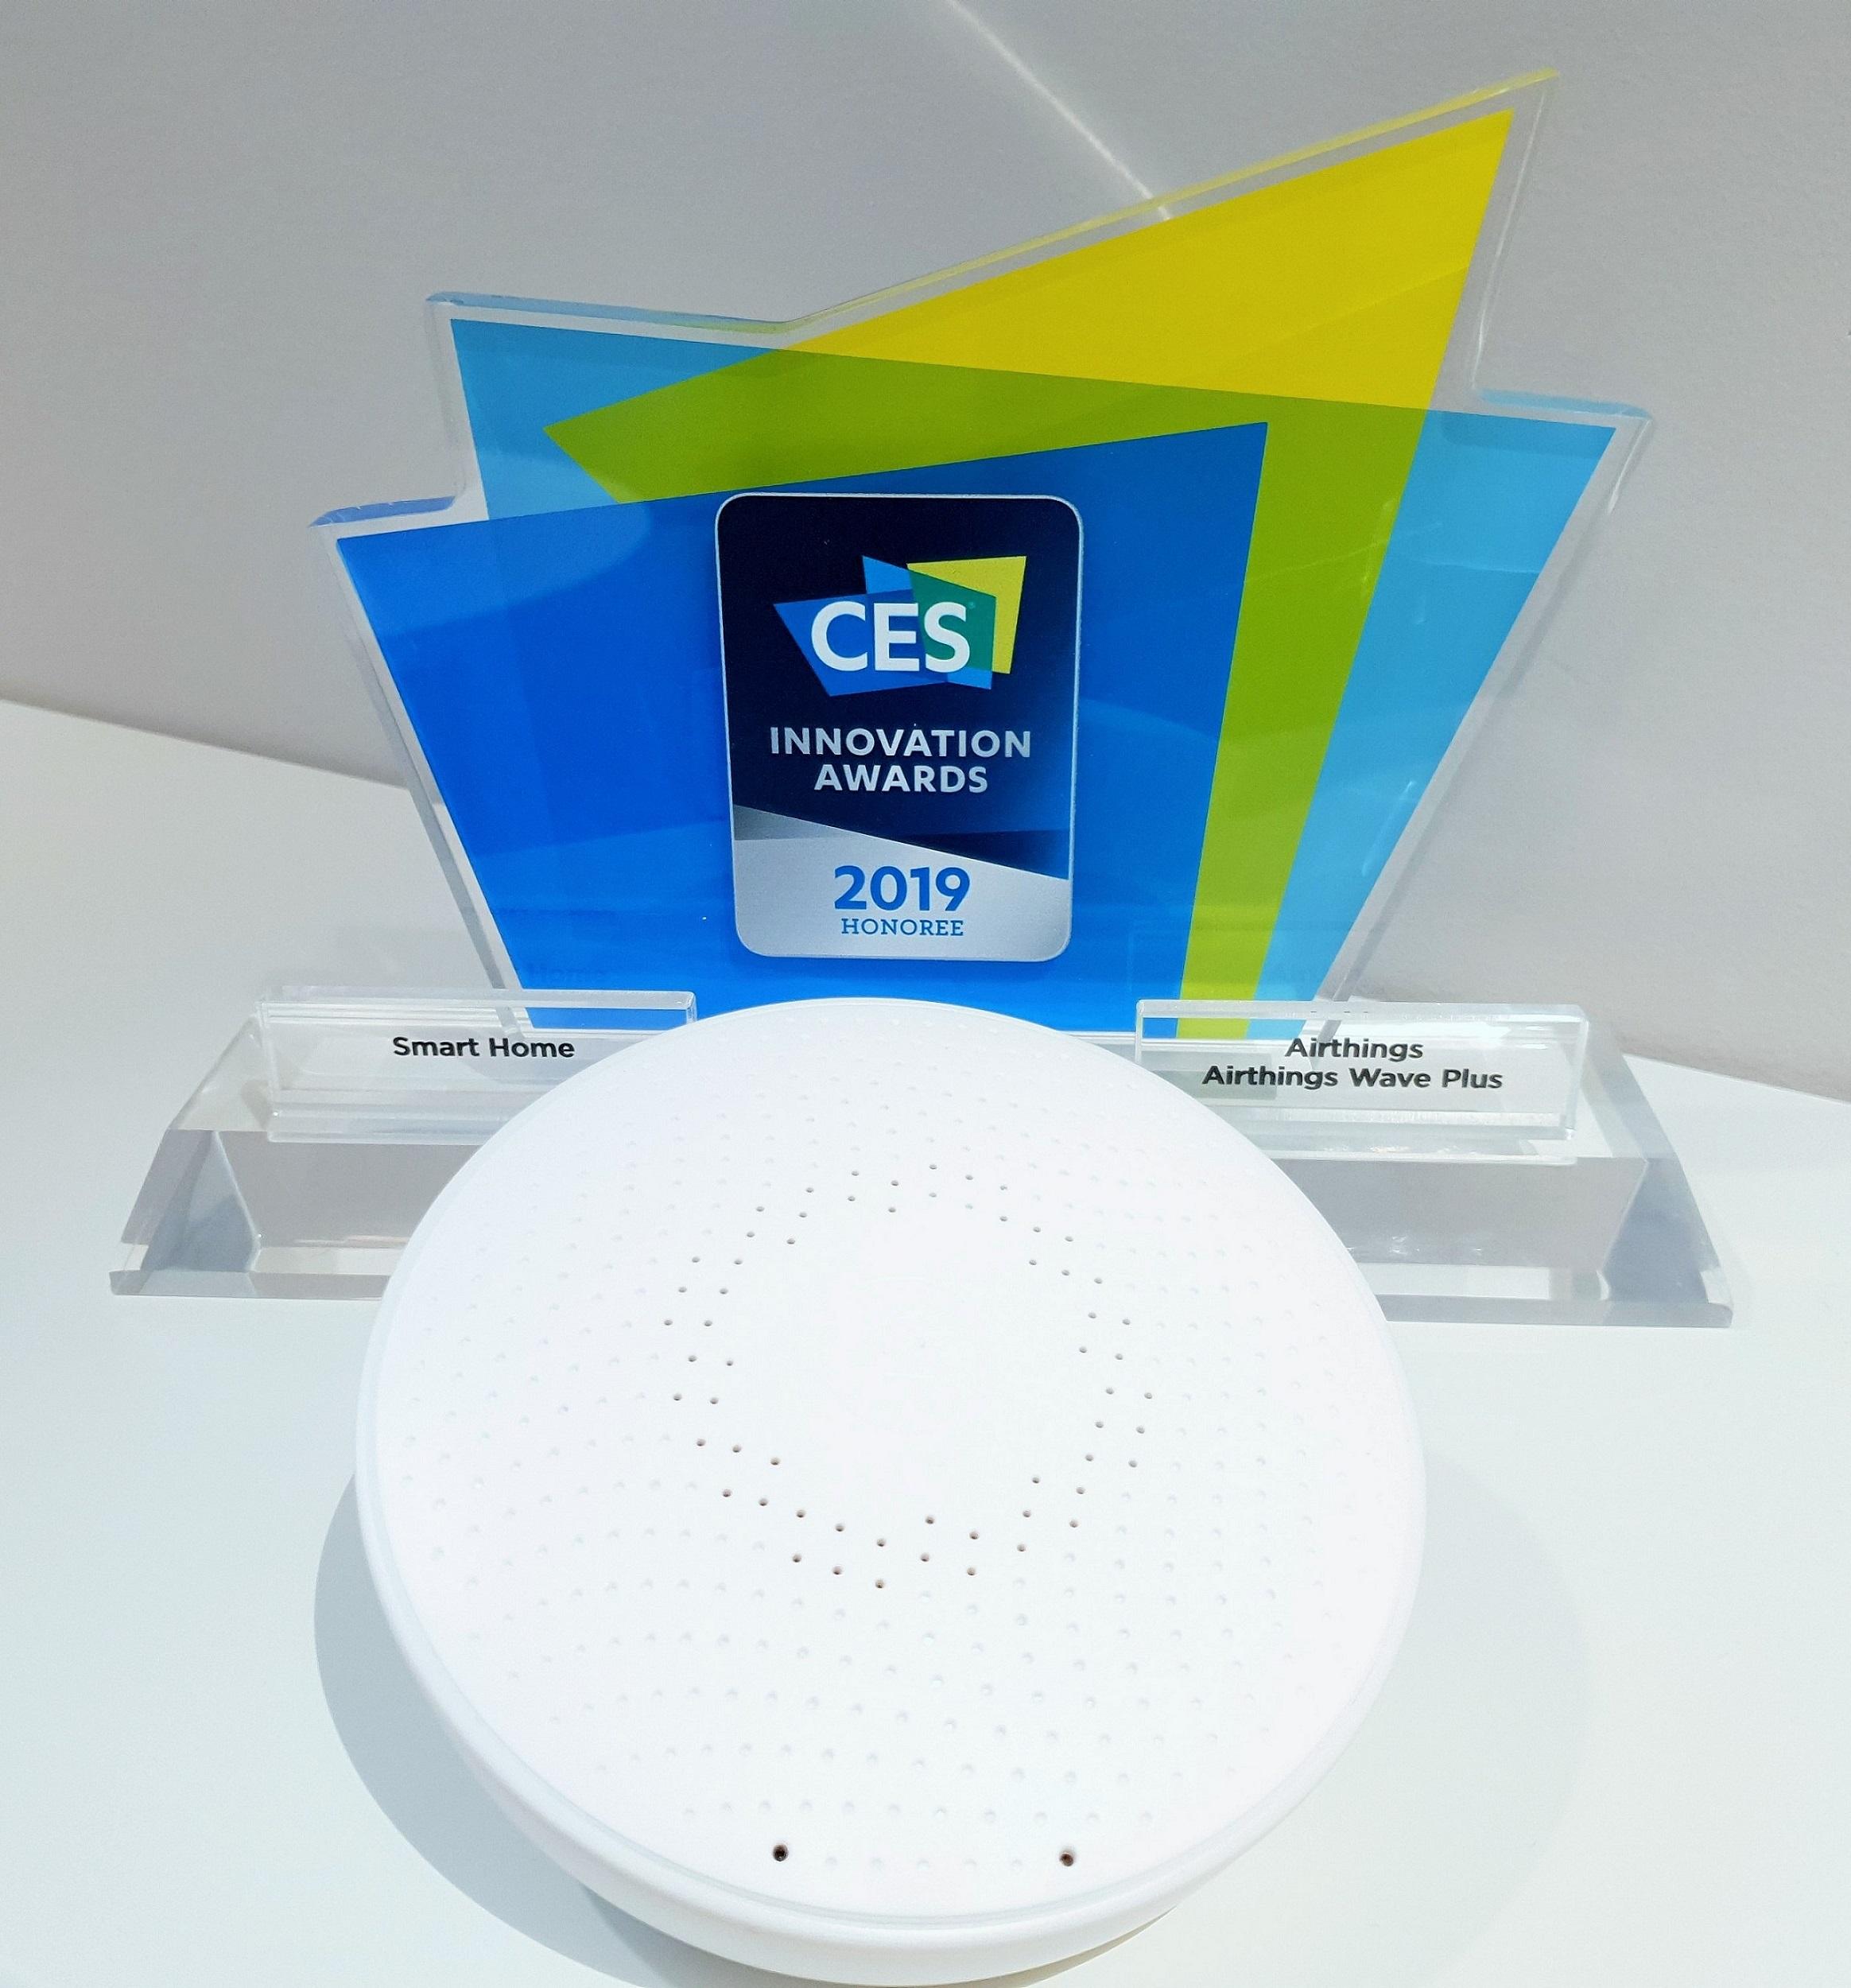 Airthings wurde mit dem CES Innovation Awards Honoree 2019 ausgezeichnet